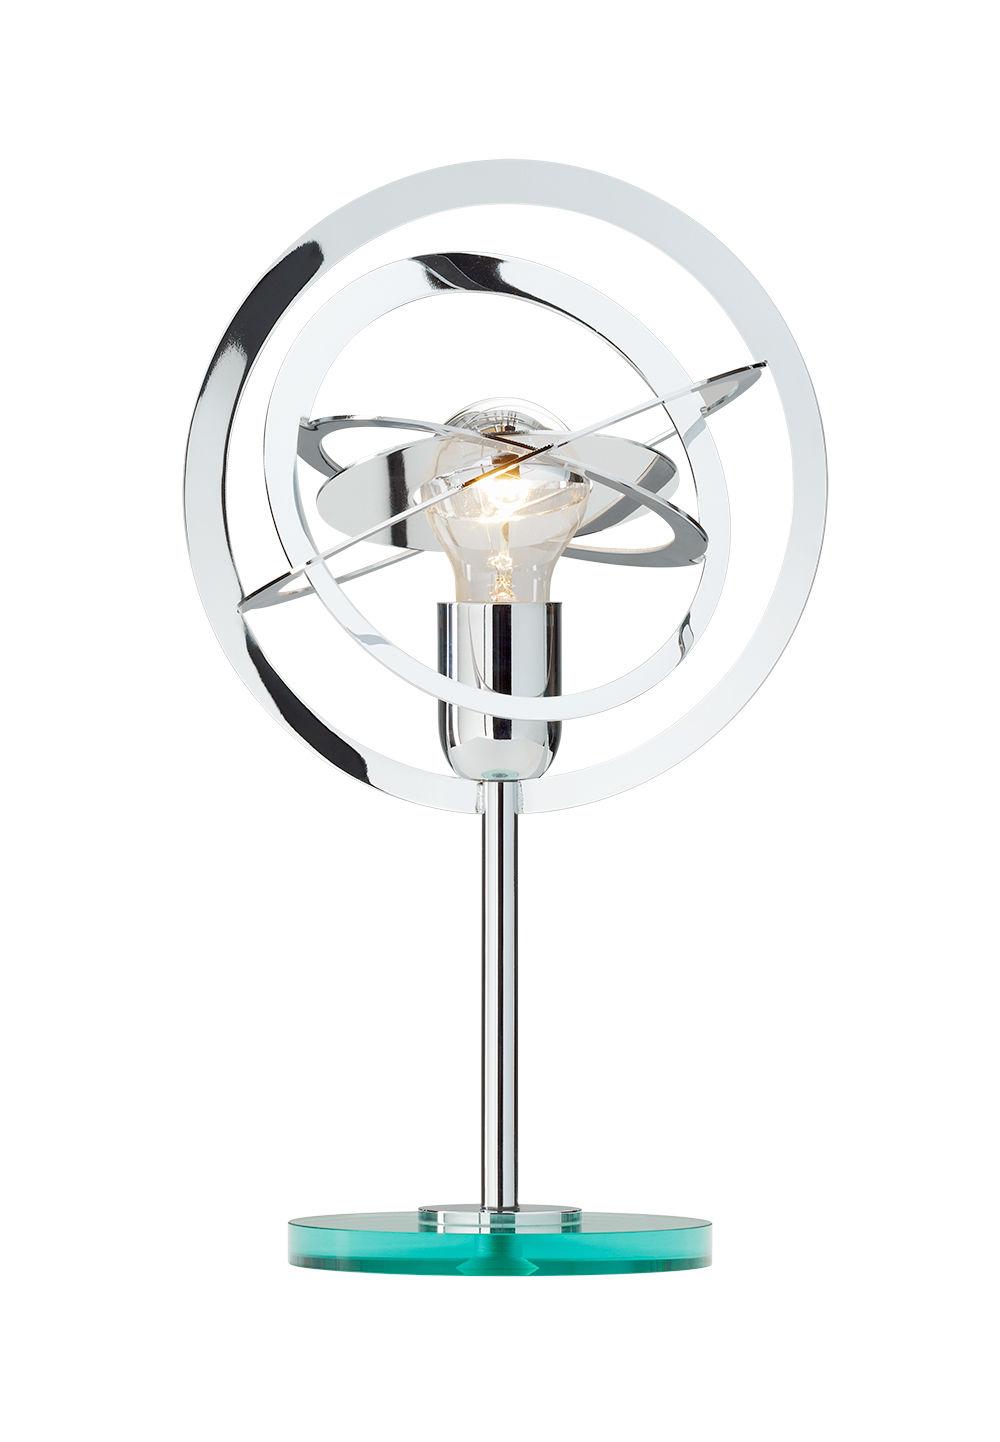 Lampada da terra L61 di Josef Albers - Tecta